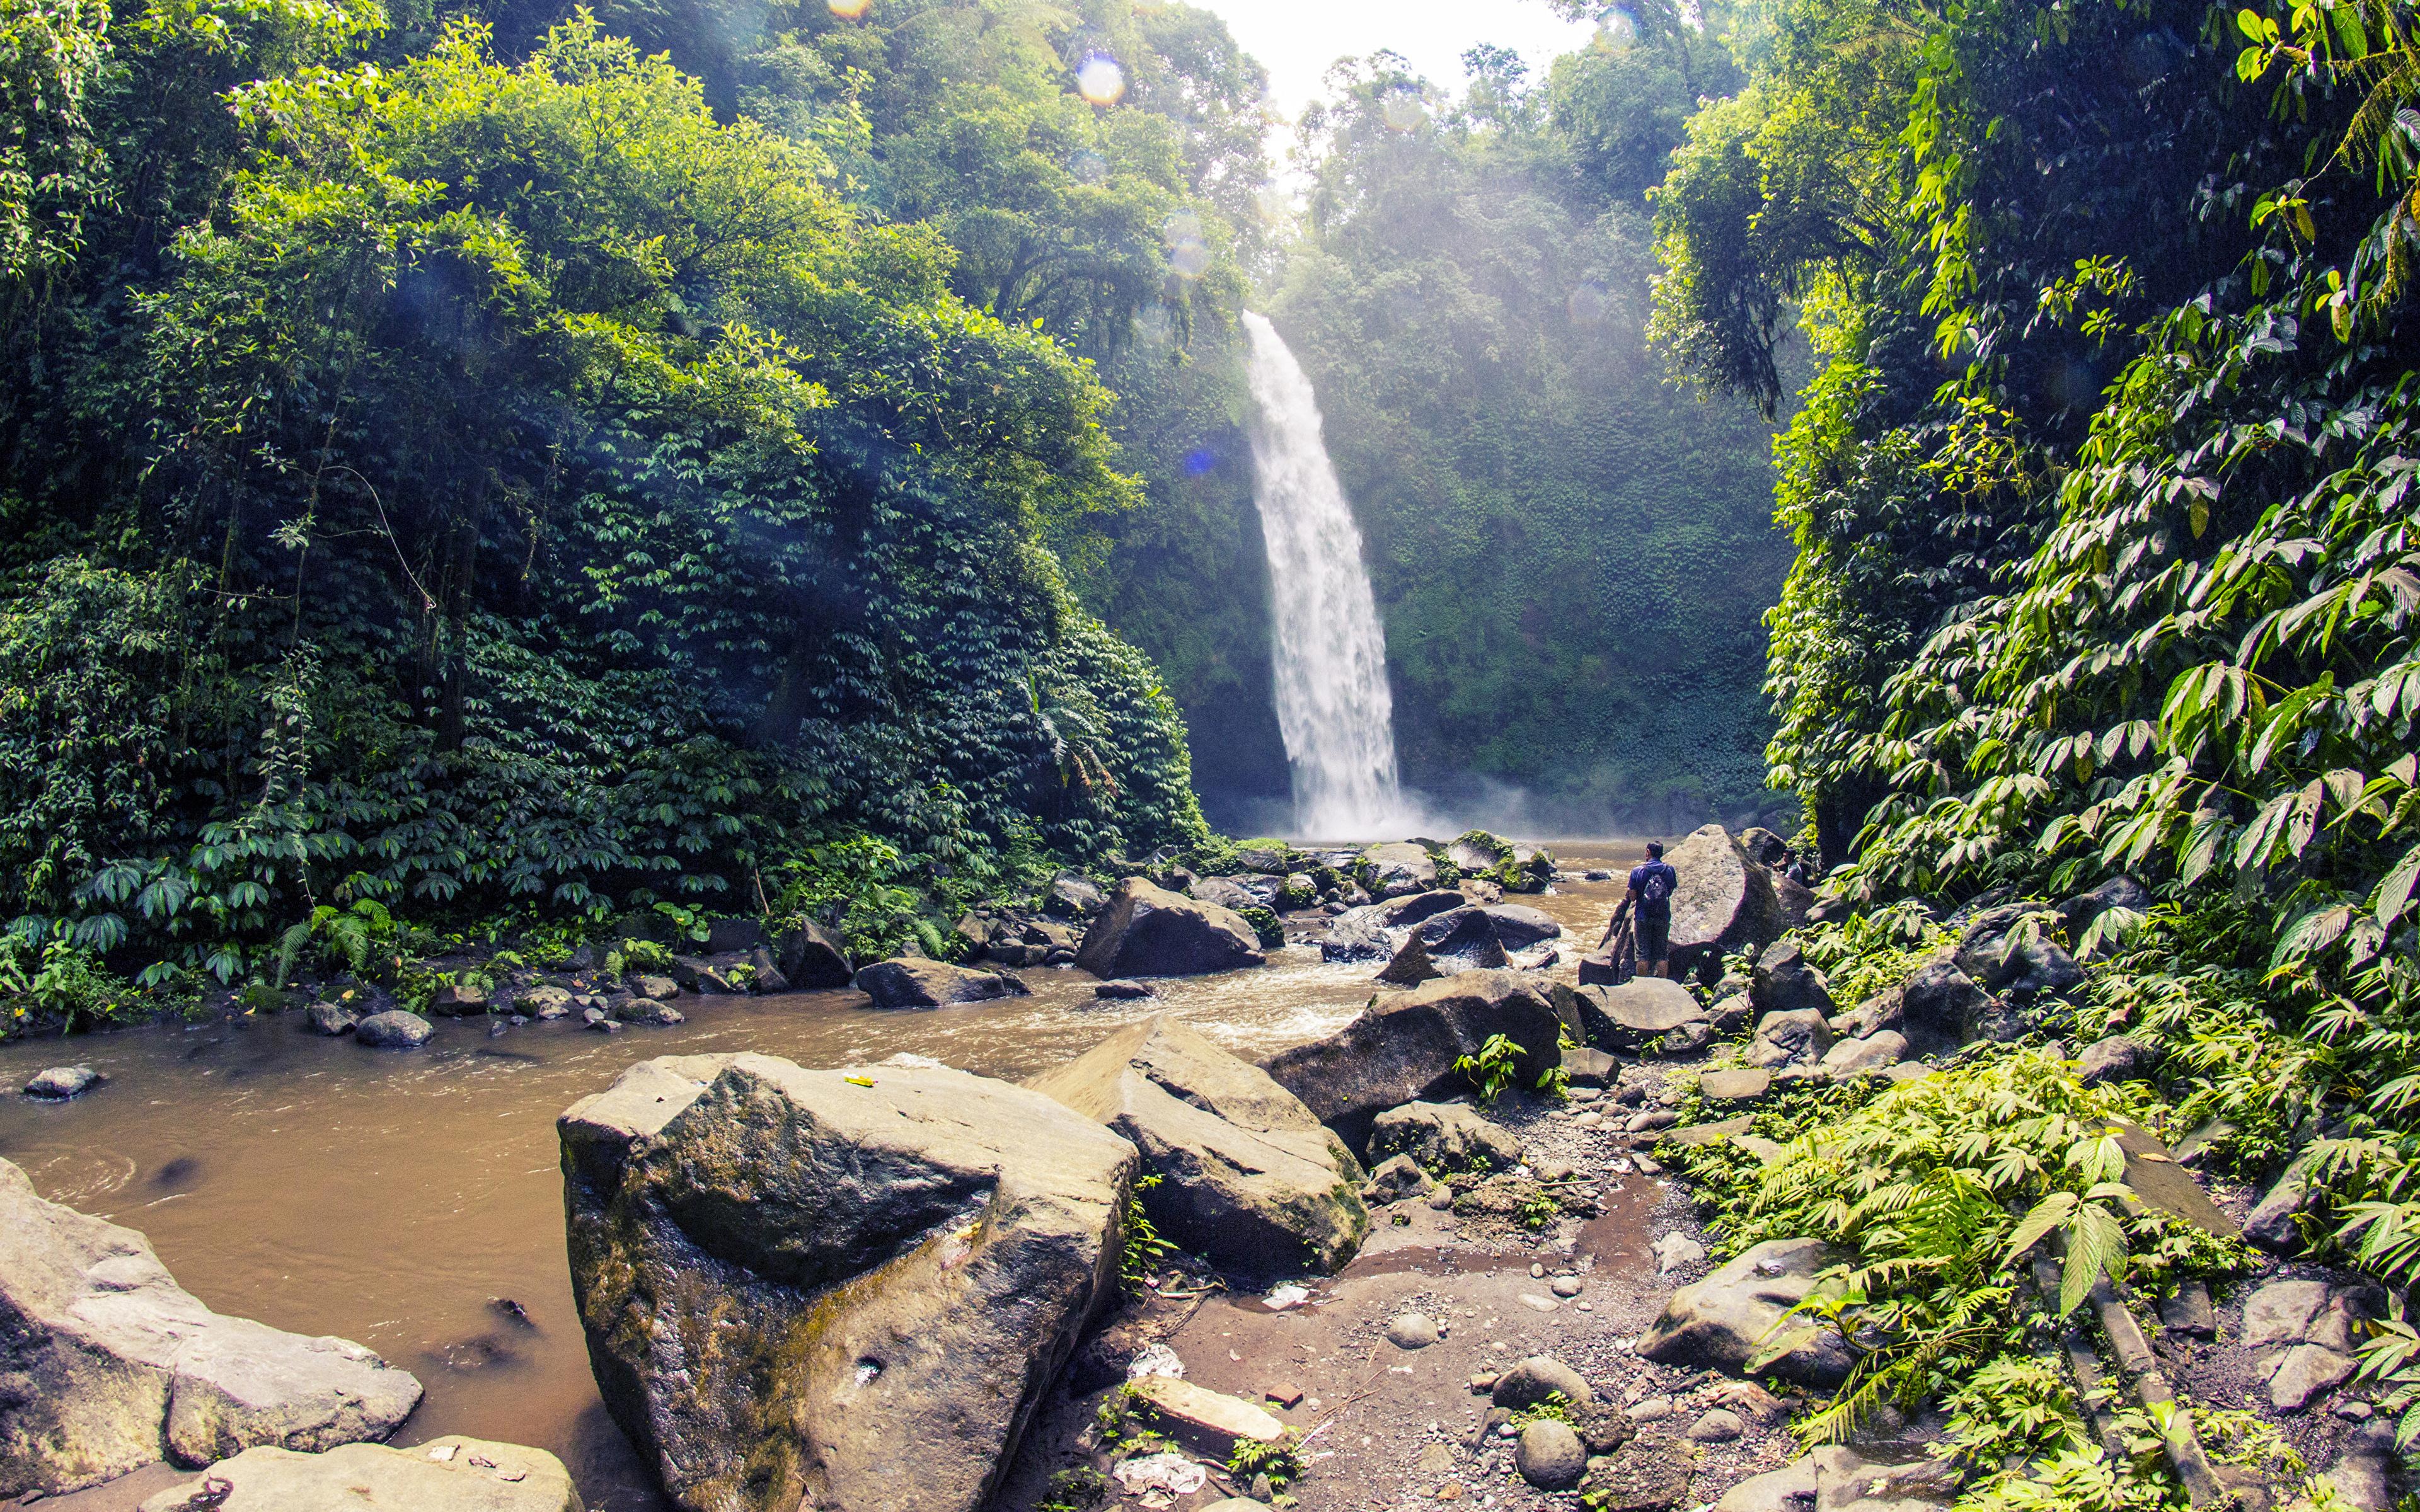 Обои для рабочего стола Индонезия Bali Скала Природа Водопады Тропики Камень Кусты 3840x2400 Утес скалы скале тропический Камни кустов